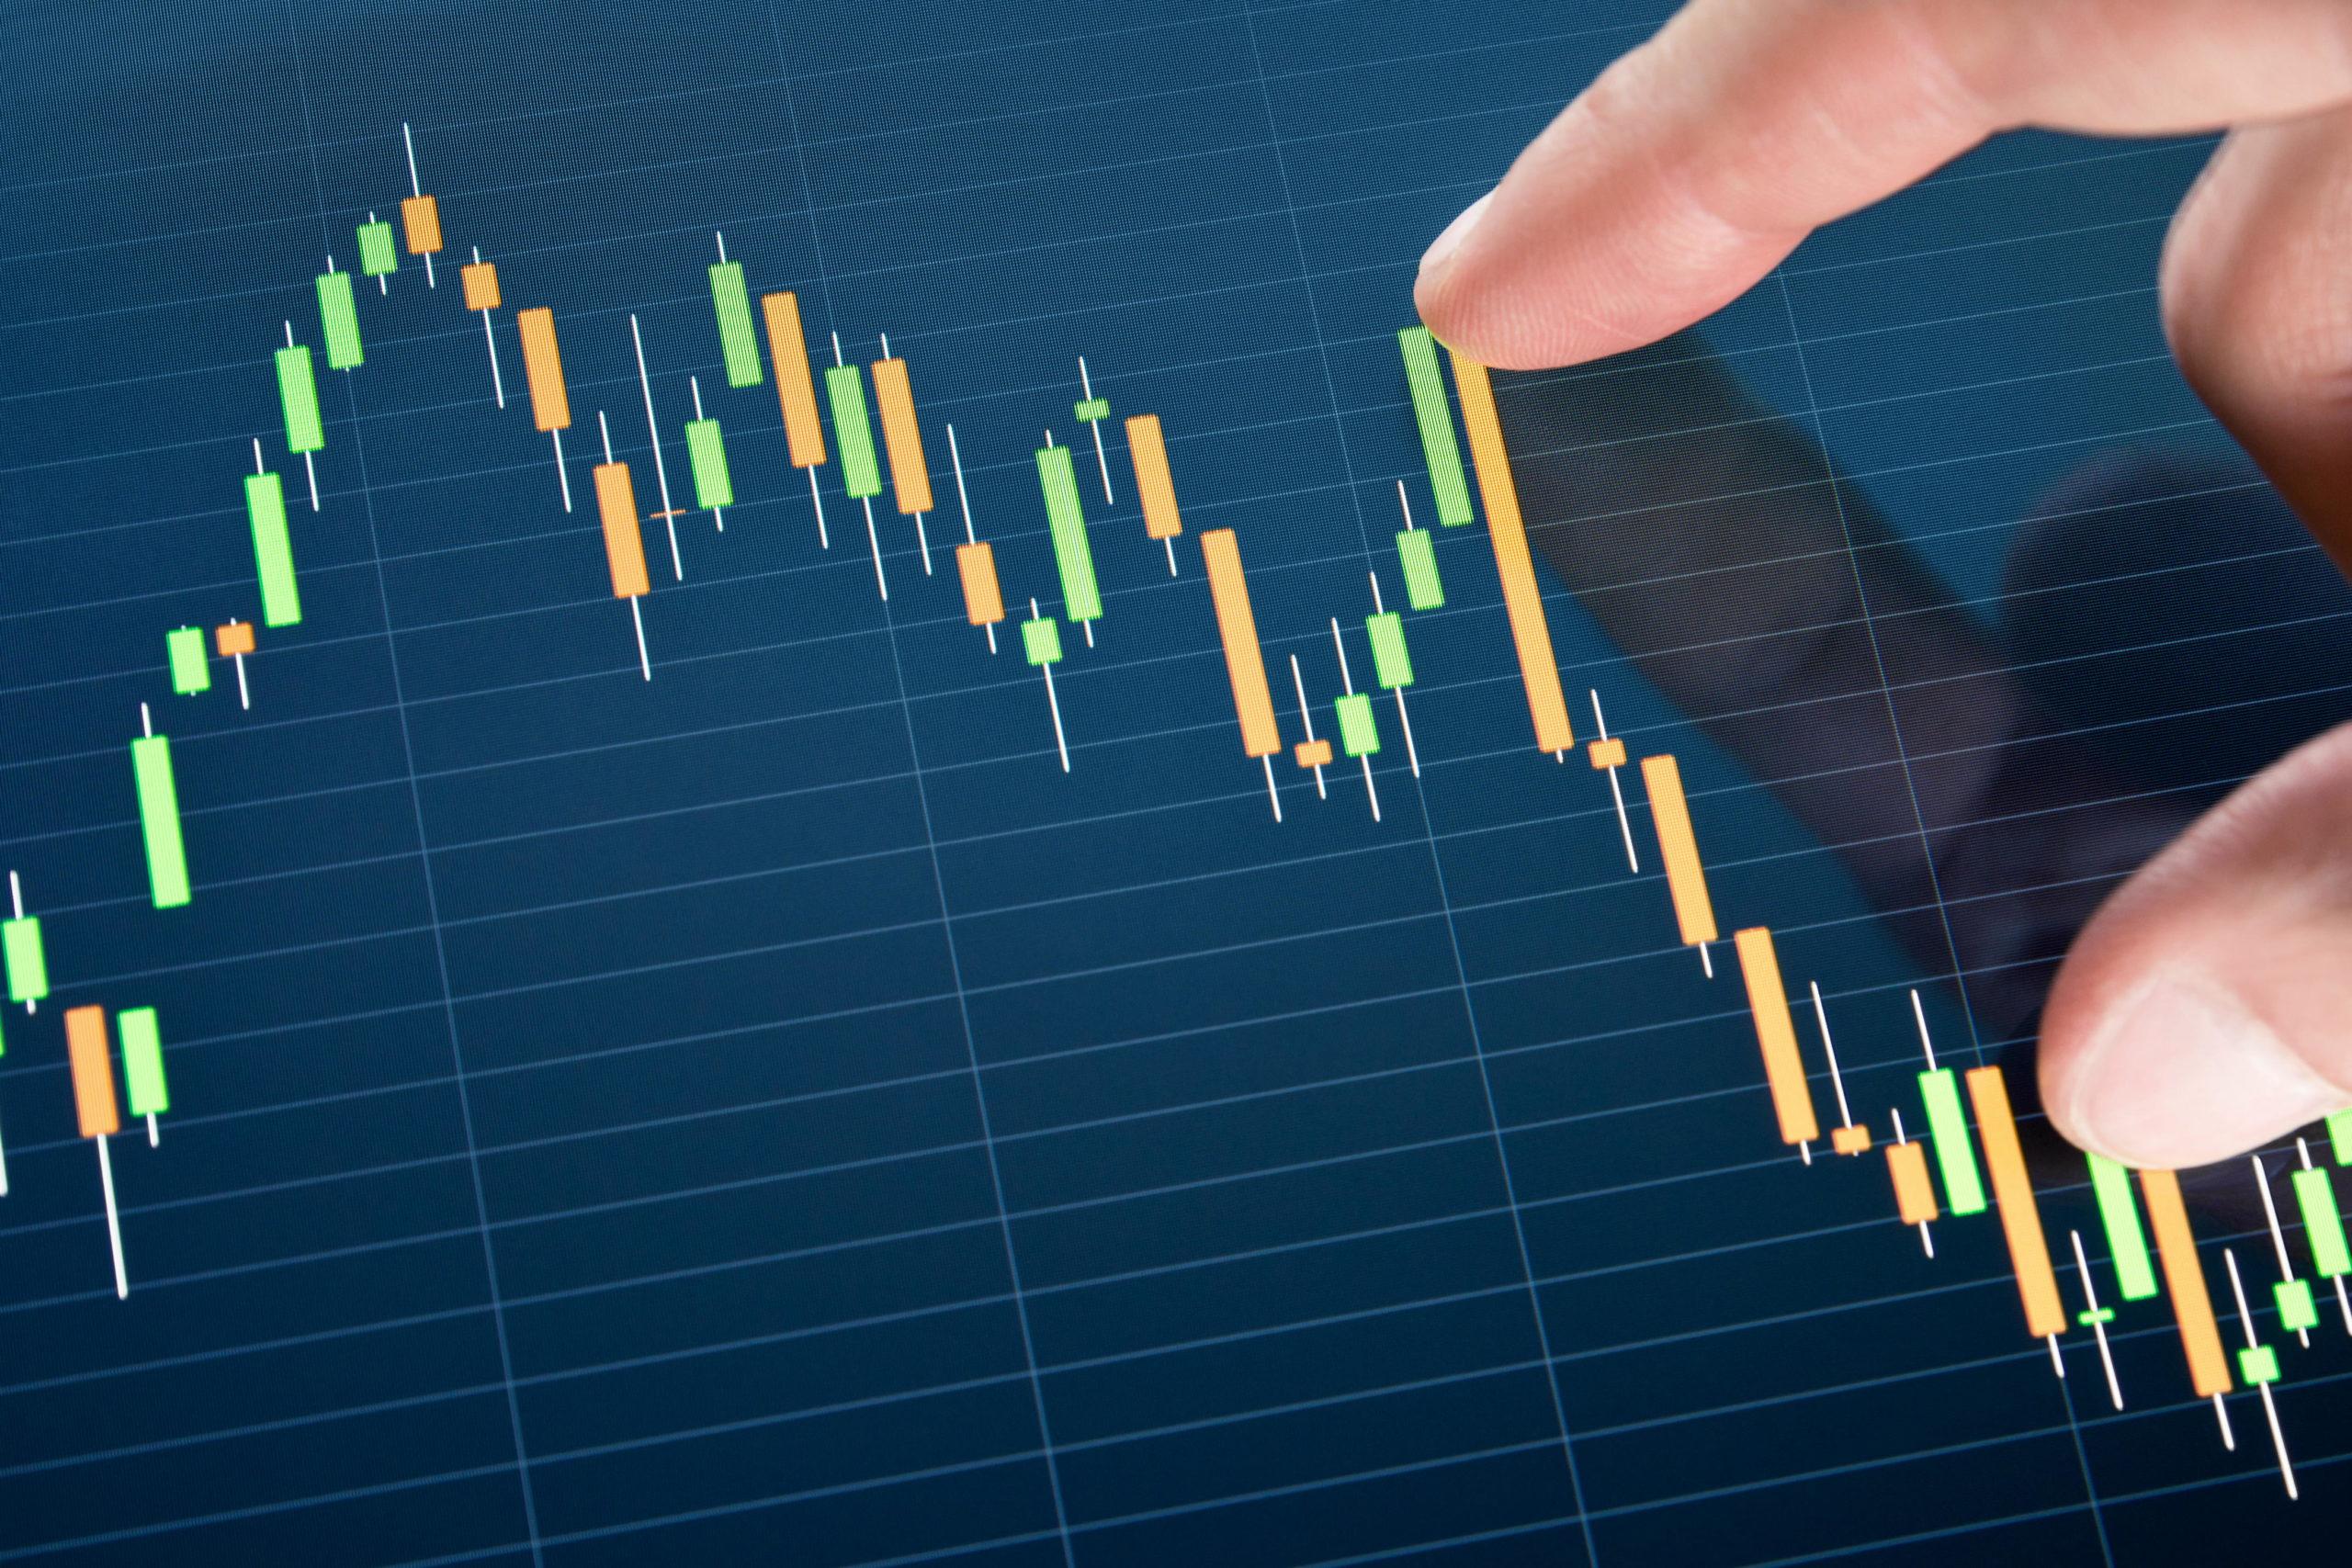 bitcoin btc fiyat analizi yeni bir yukselis sinyali veriyor onemli seviyeler neler